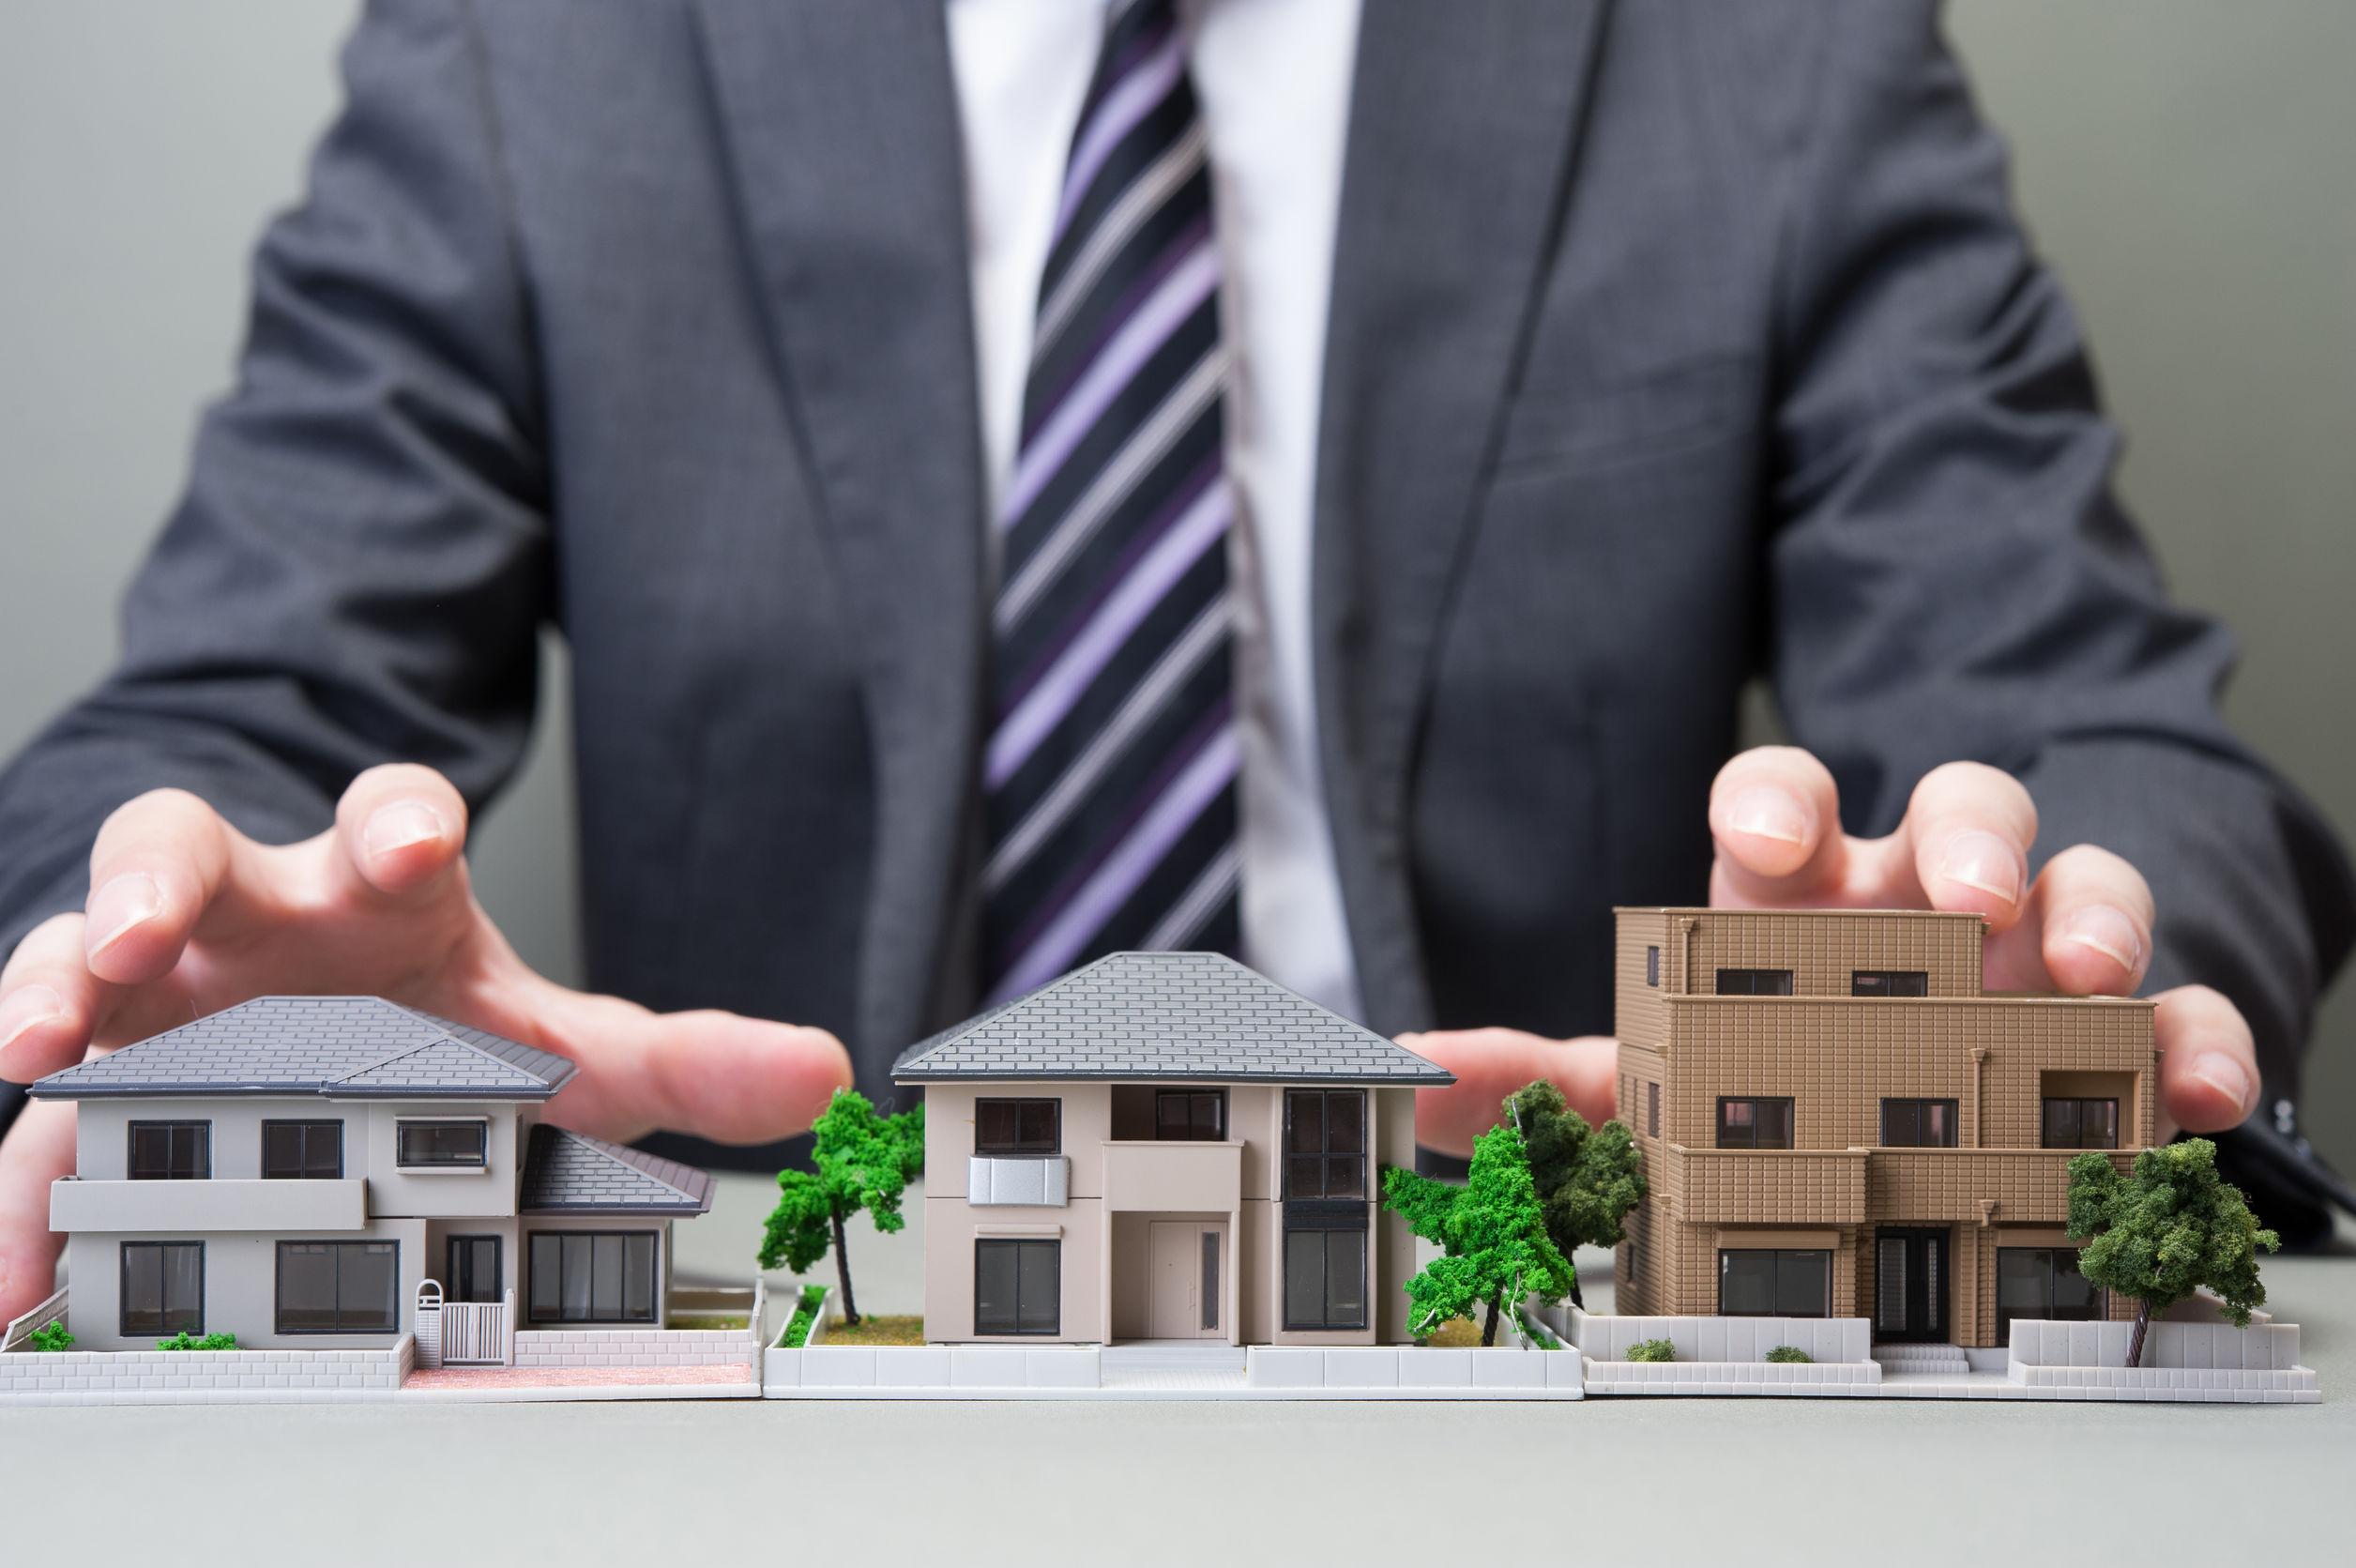 46453839 - housing image